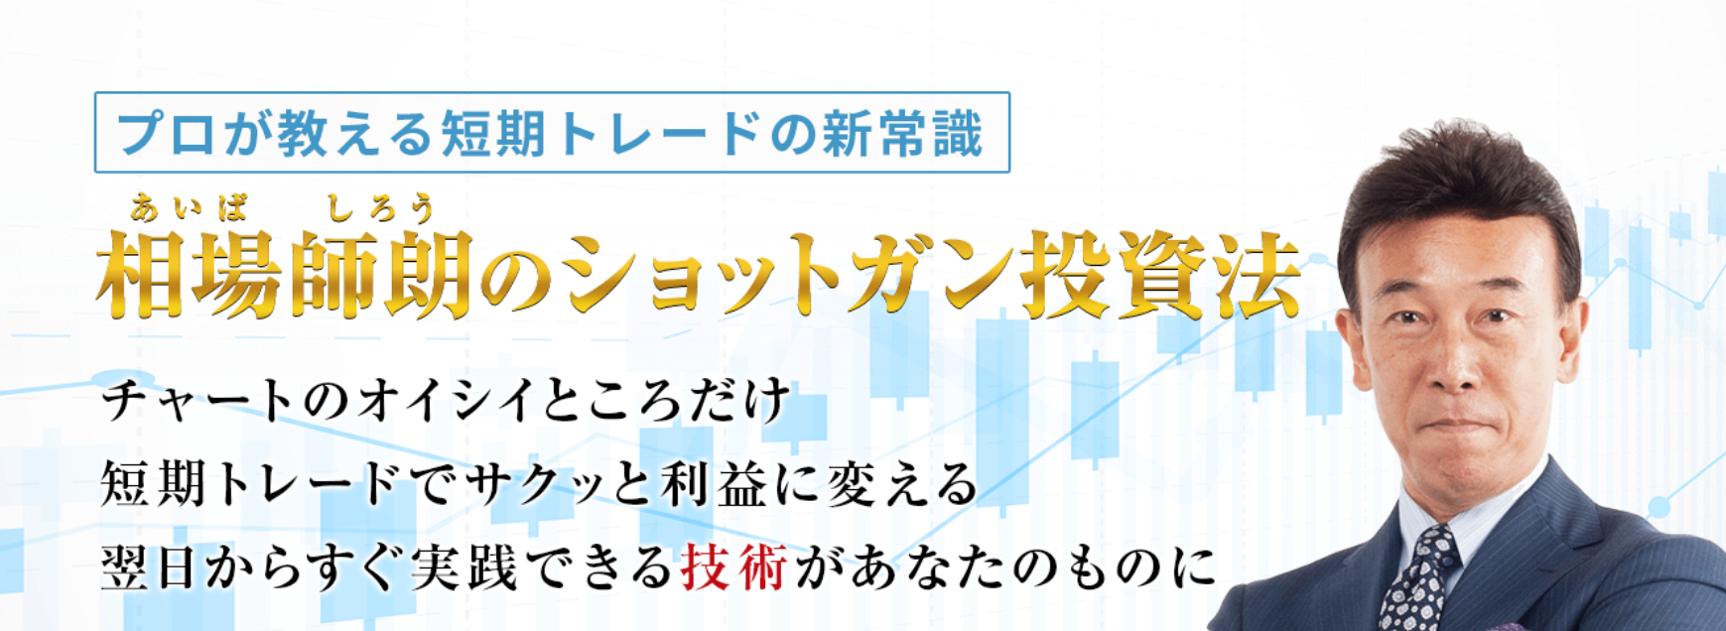 【相場師朗】のショットガン投資法